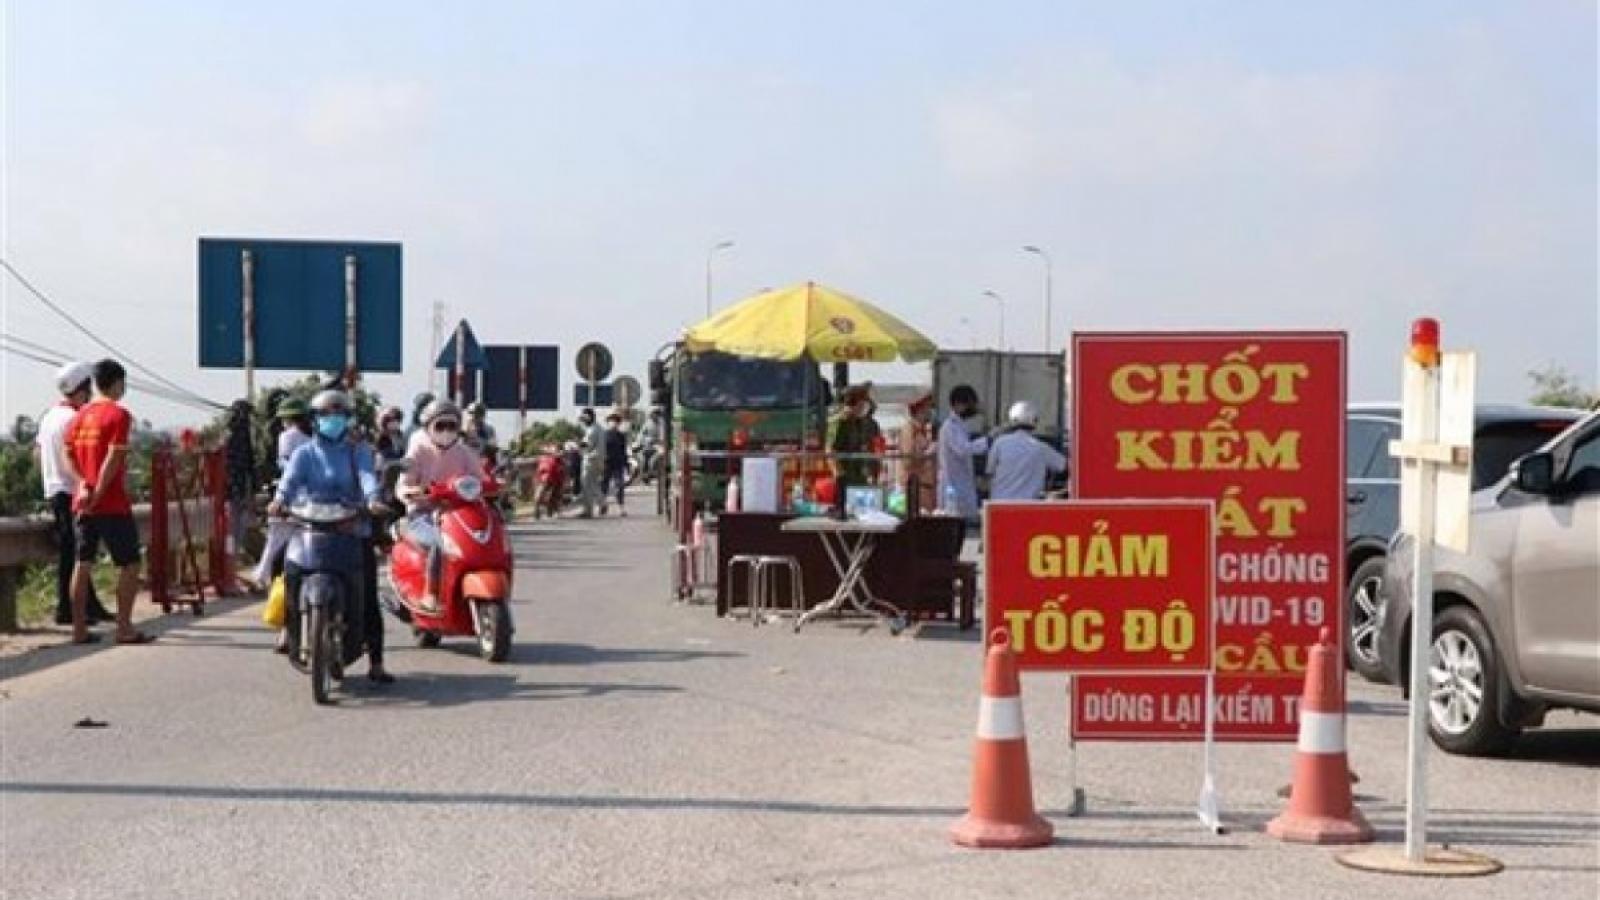 Bắc Ninh: Cách ly y tế toàn huyện Lương Tài trong 14 ngày